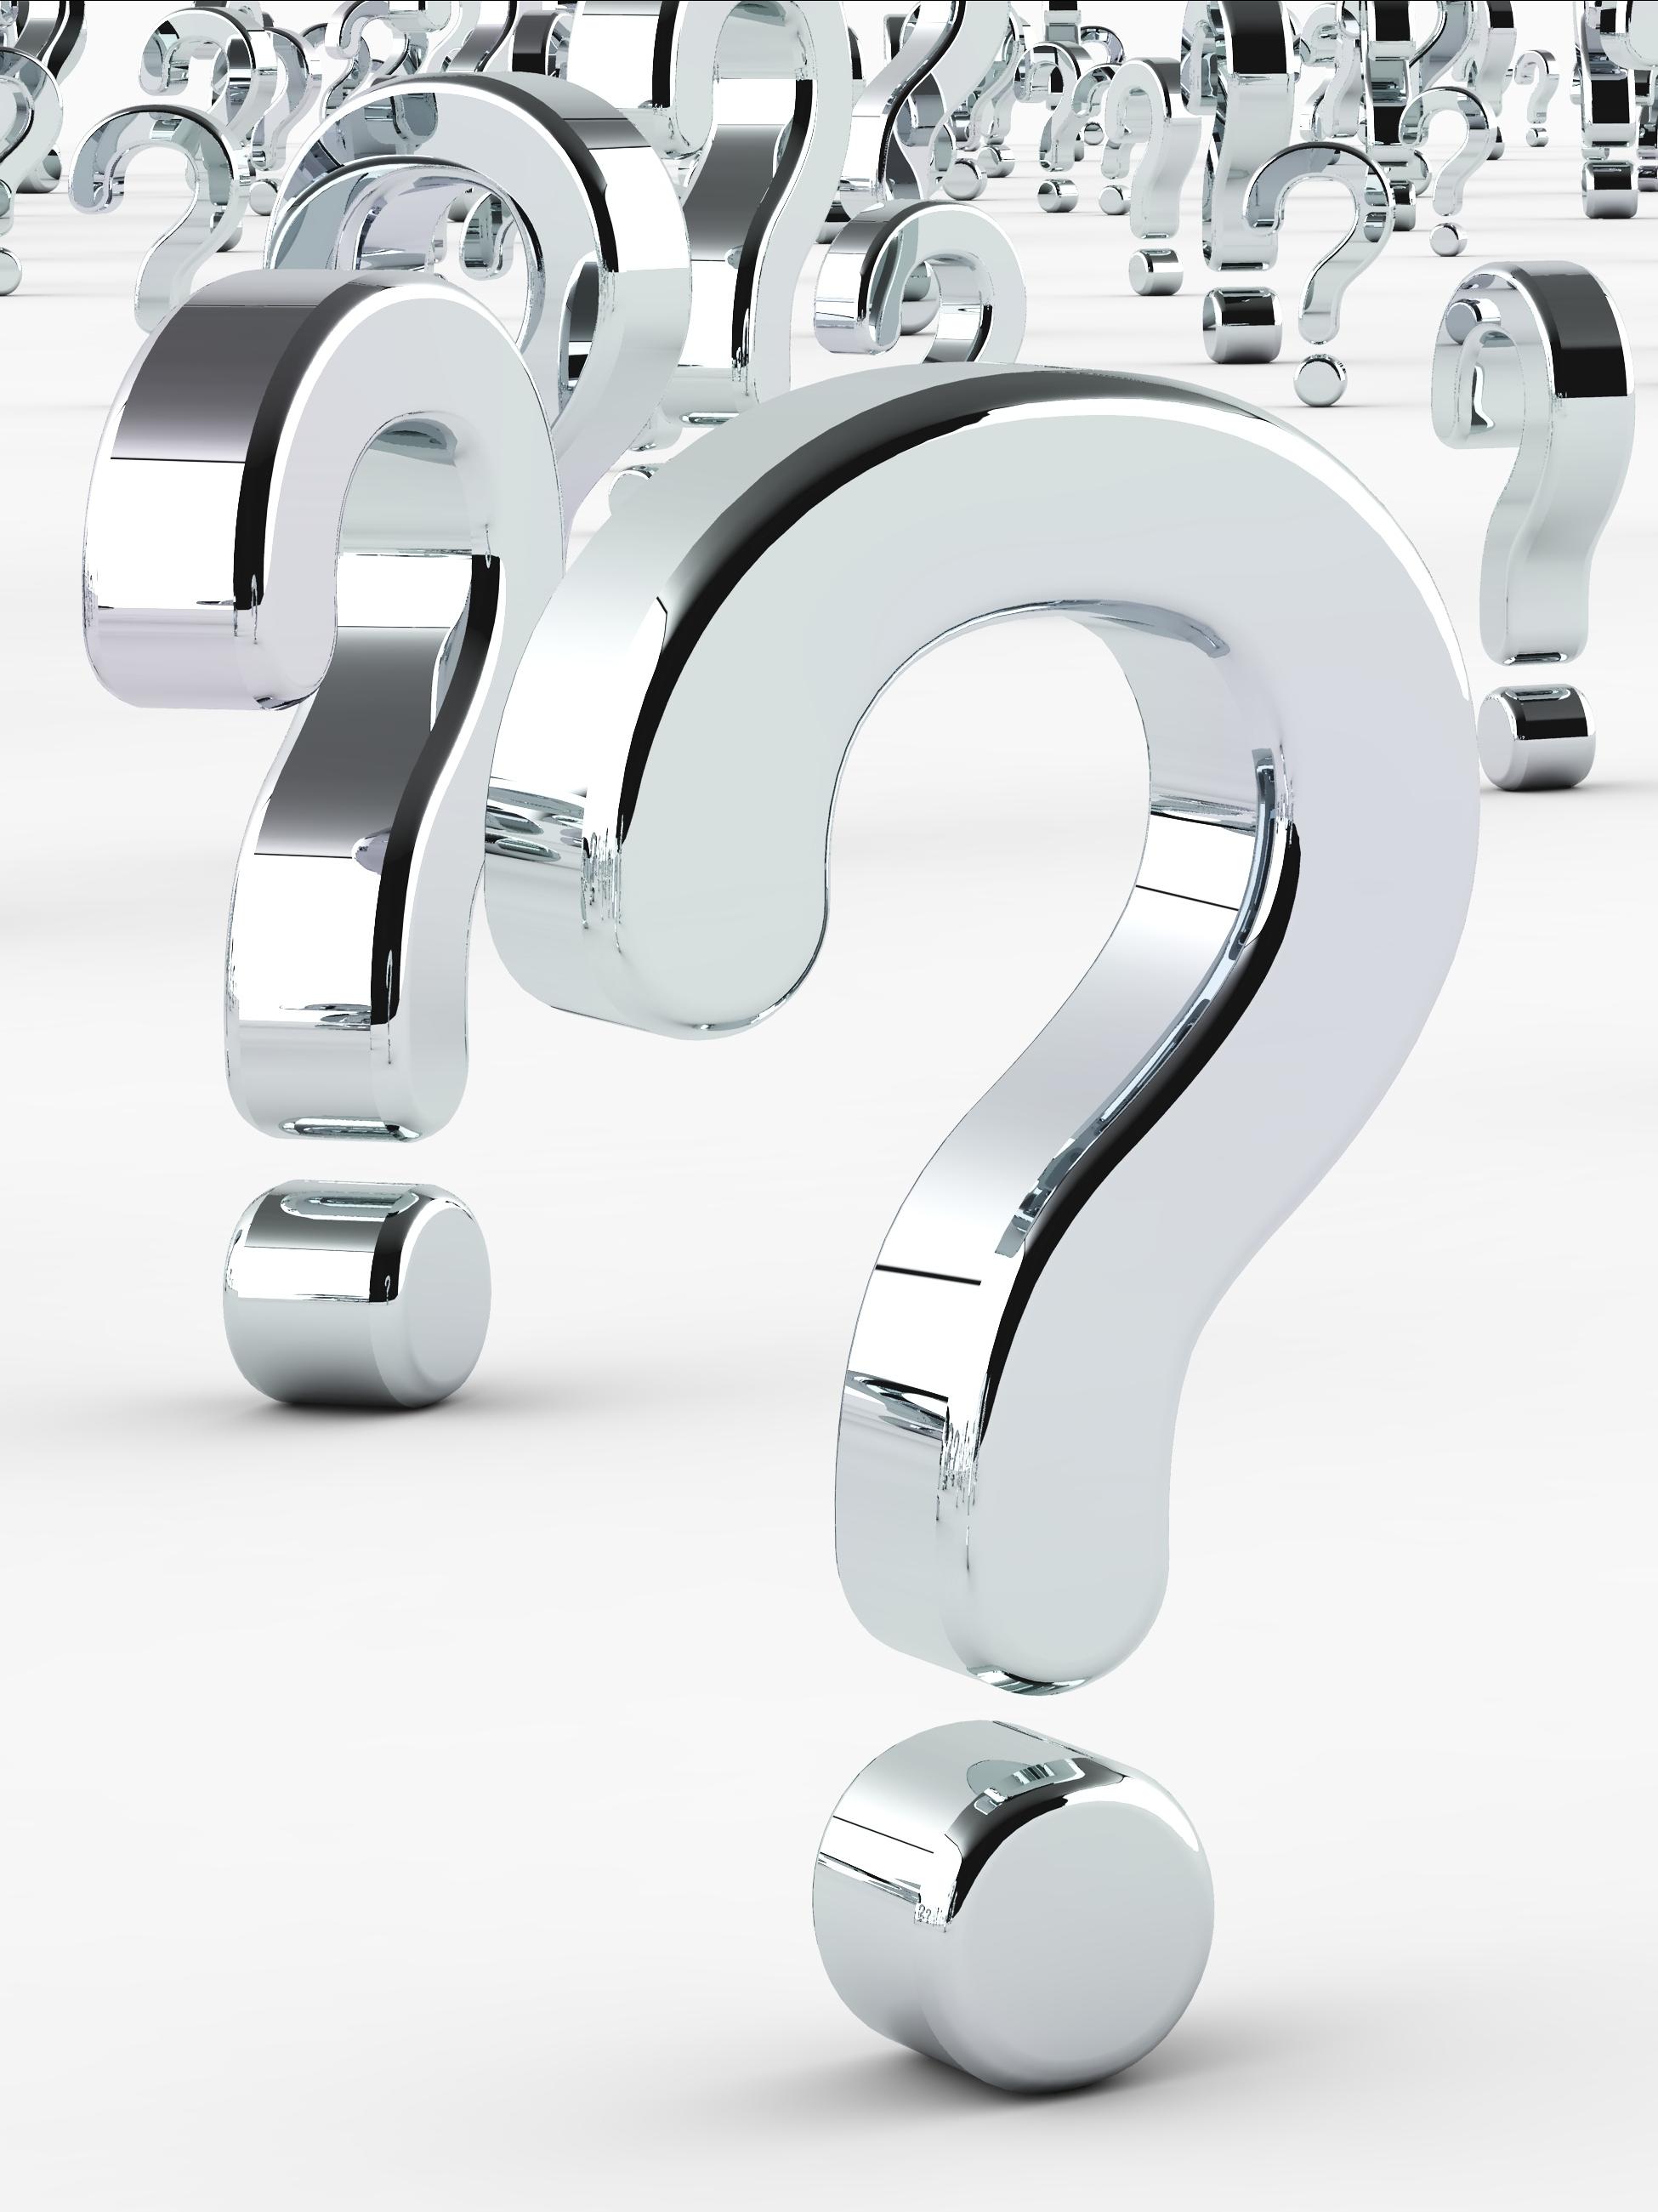 Frågetecken som symboliserar frågor du kan ha om kursen du är intresserad av.